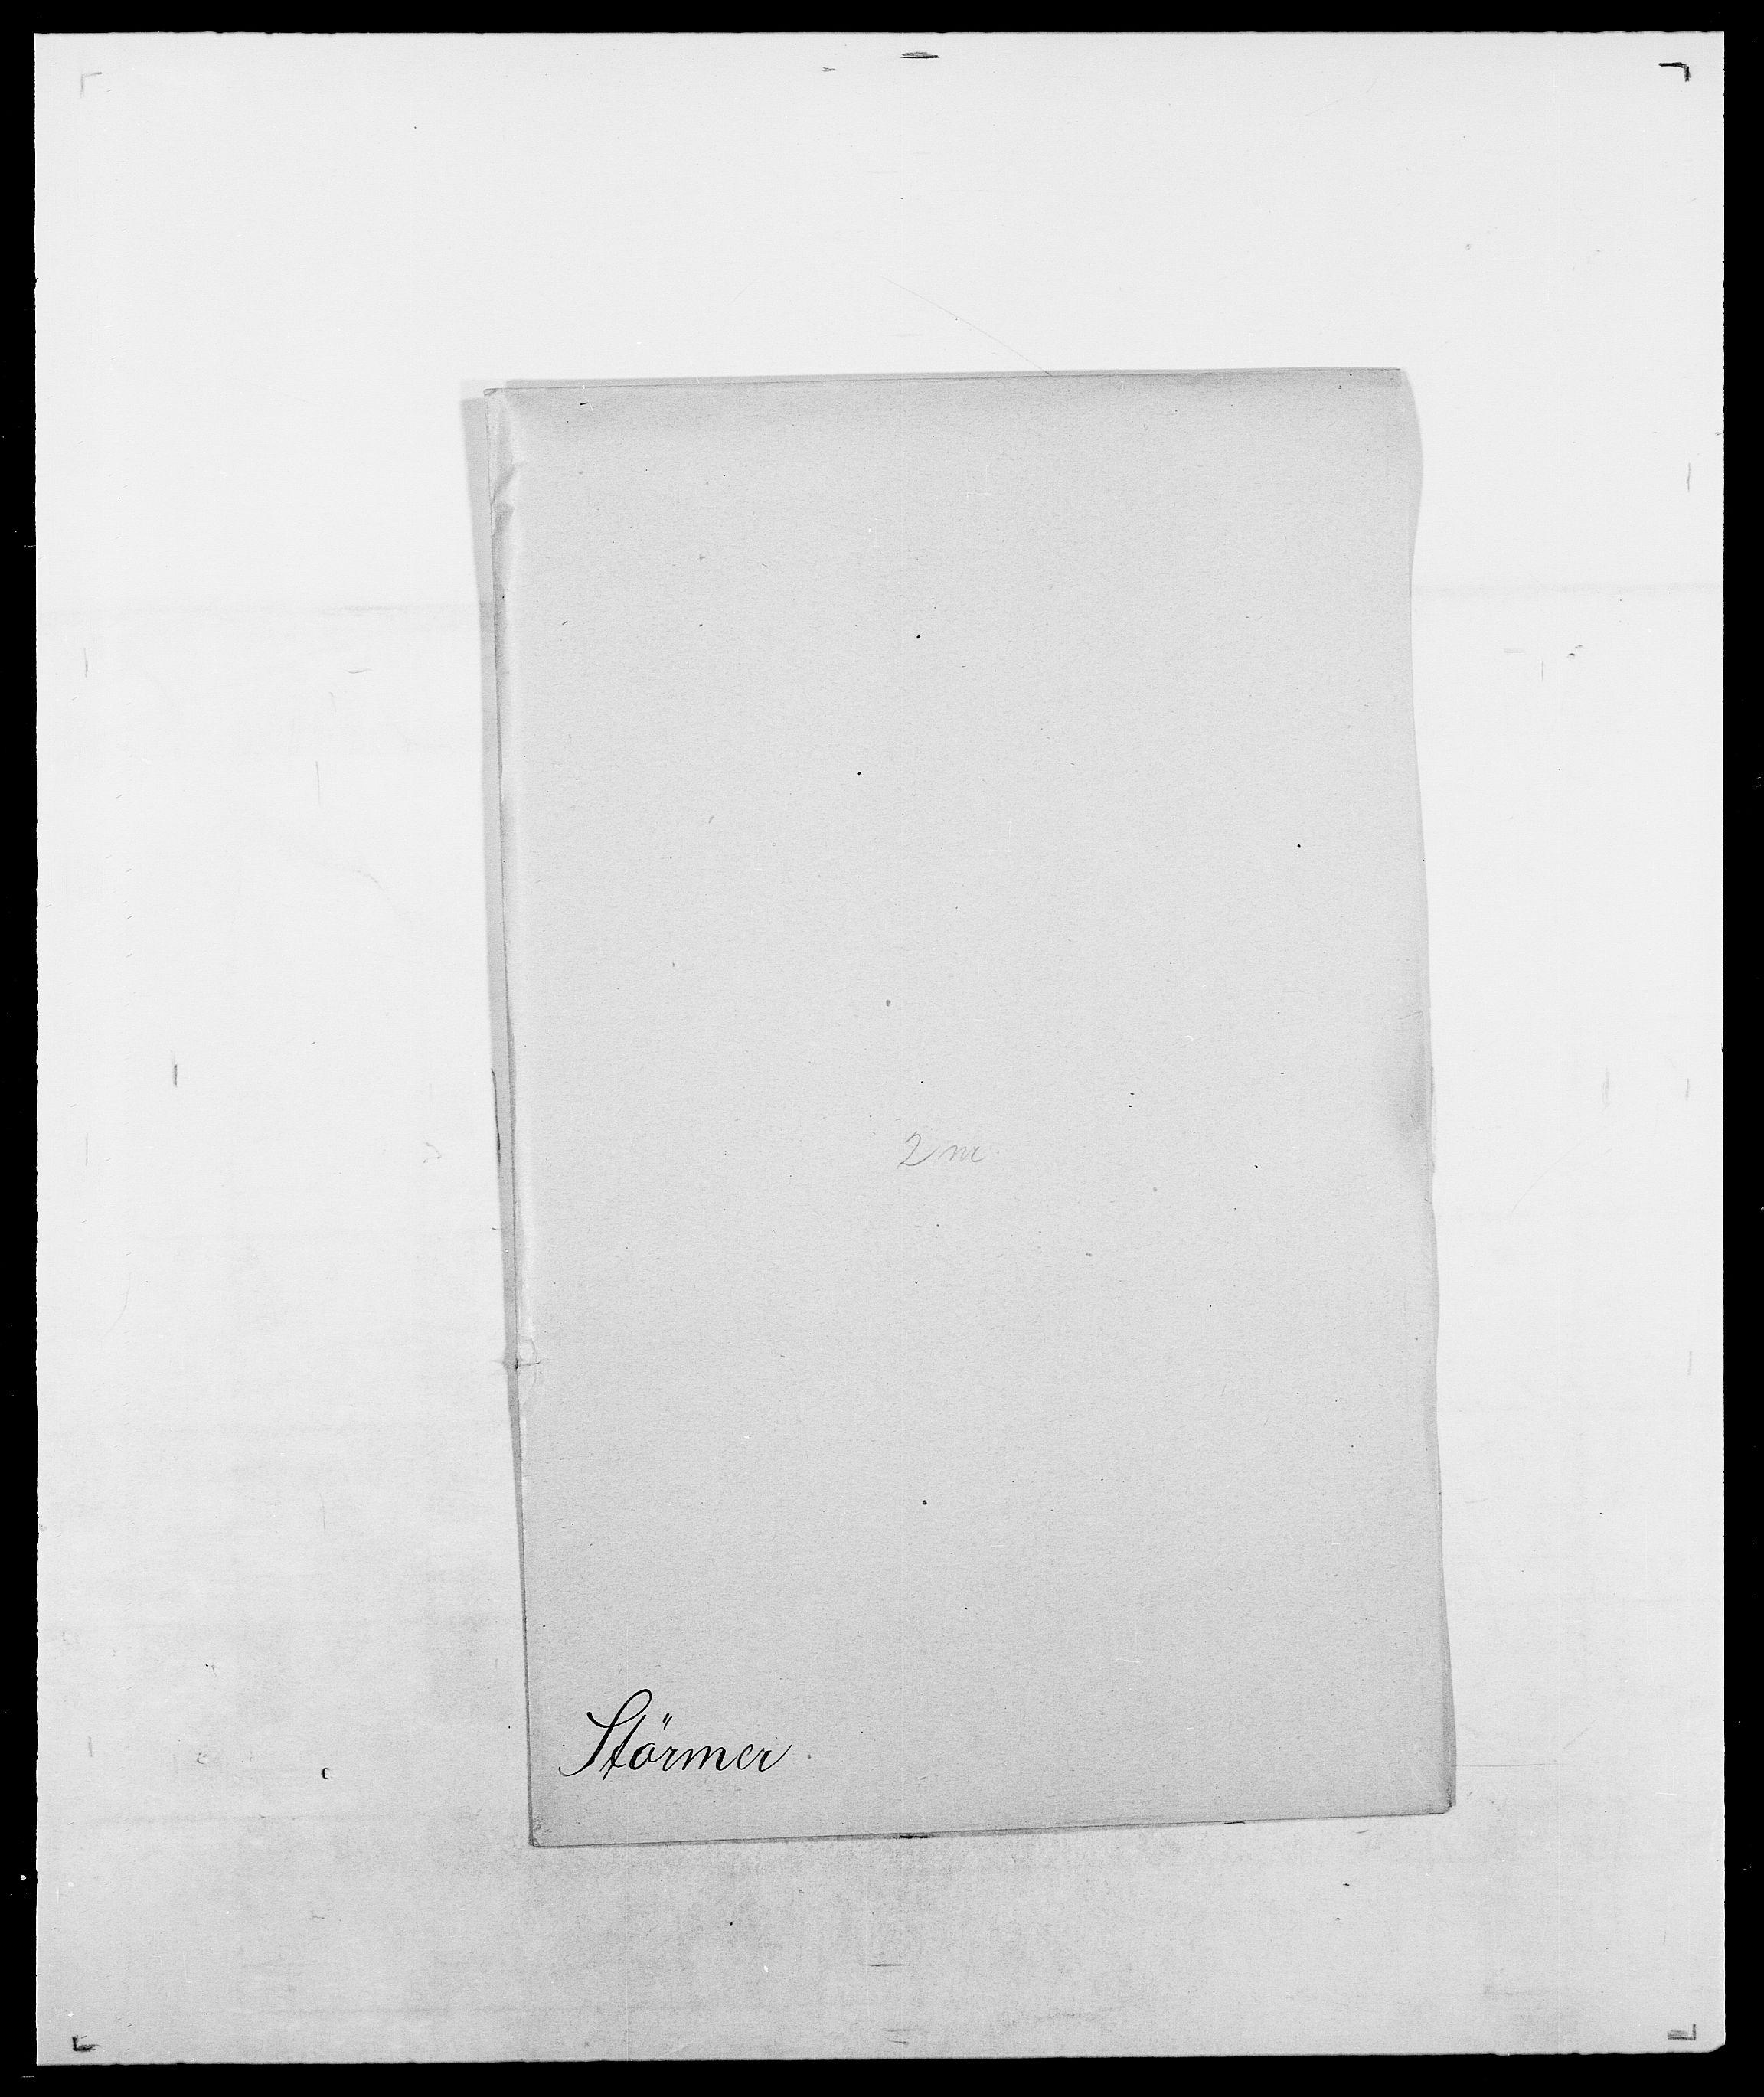 SAO, Delgobe, Charles Antoine - samling, D/Da/L0037: Steen, Sthen, Stein - Svare, Svanige, Svanne, se også Svanning og Schwane, s. 848